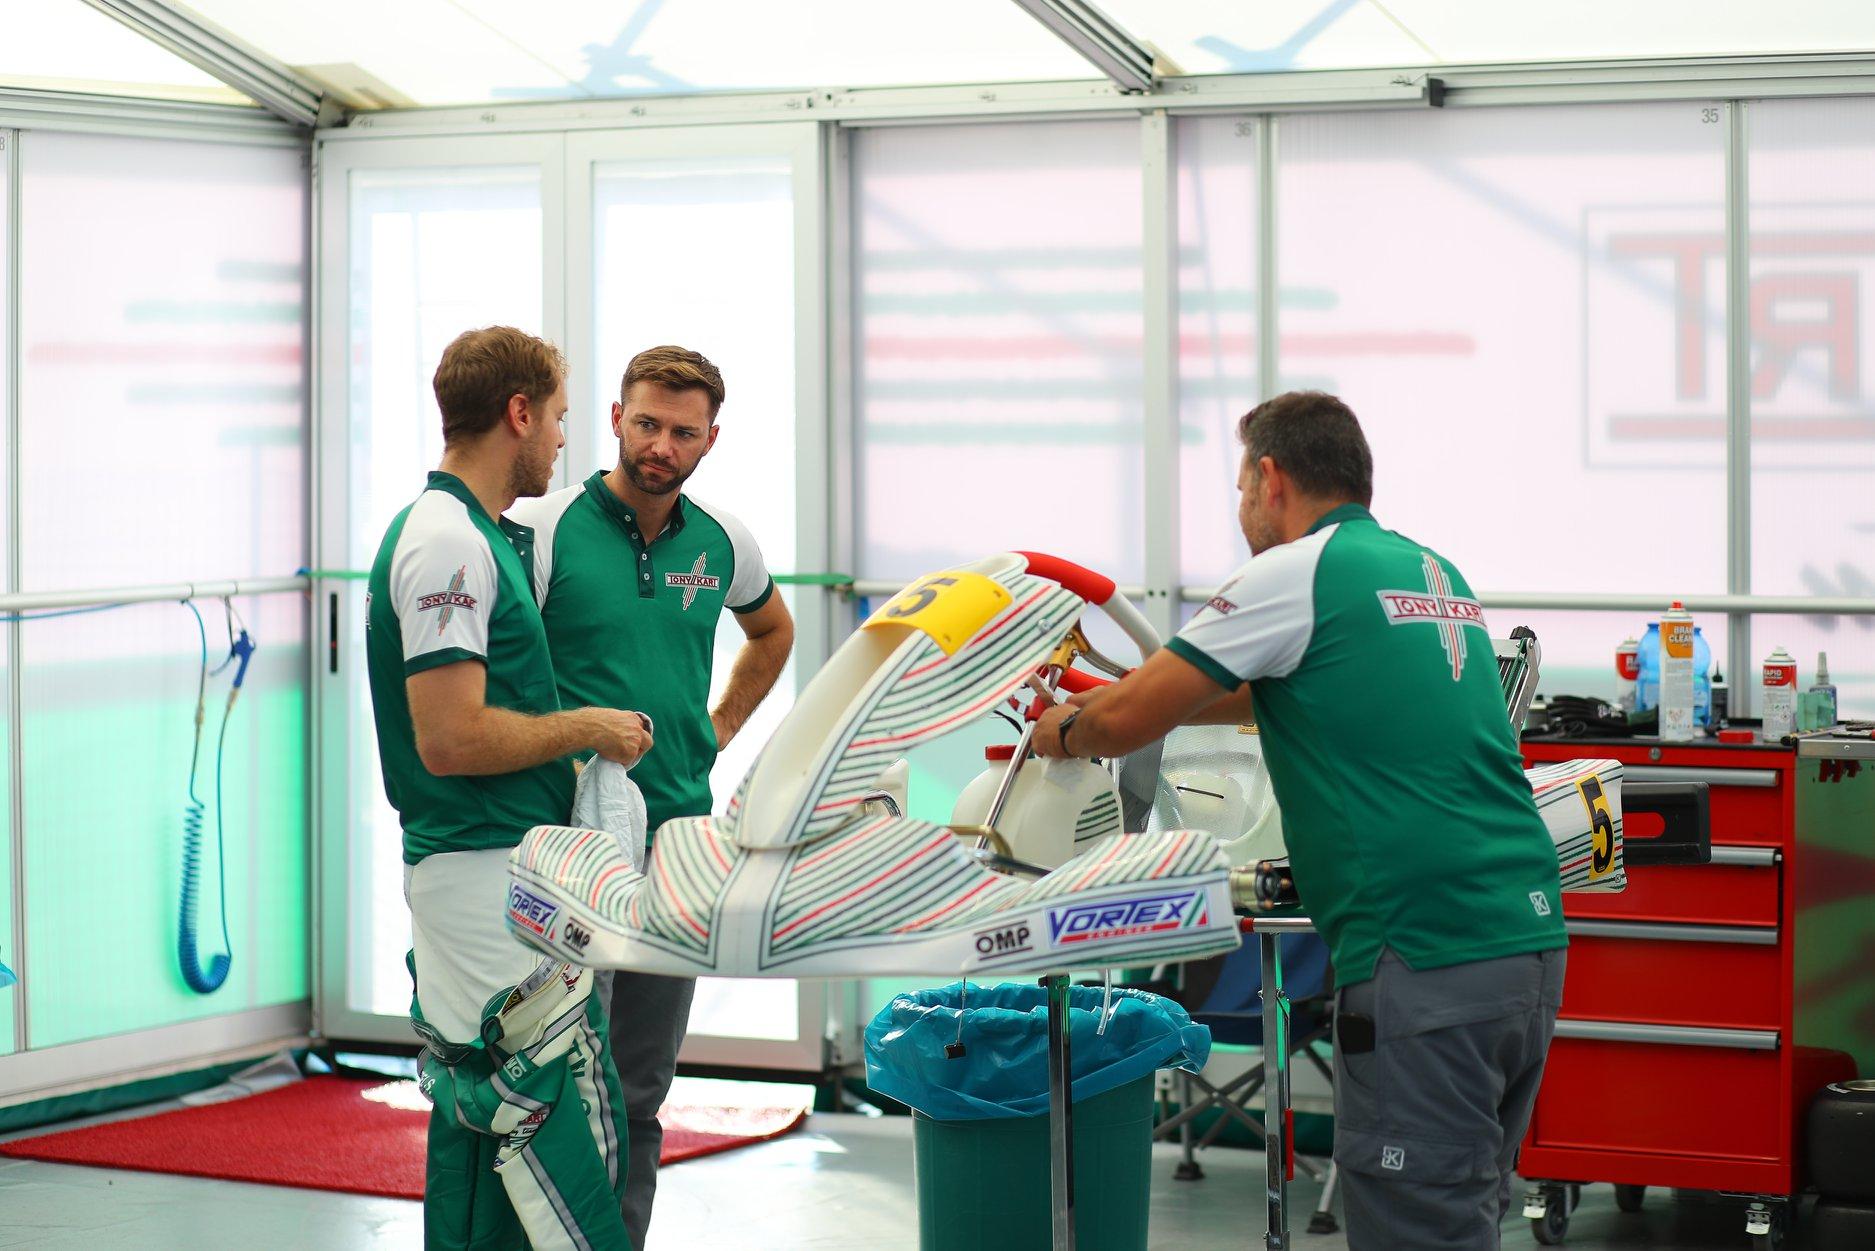 Sebastian_Vettel_testing_Tony_Kart_0027